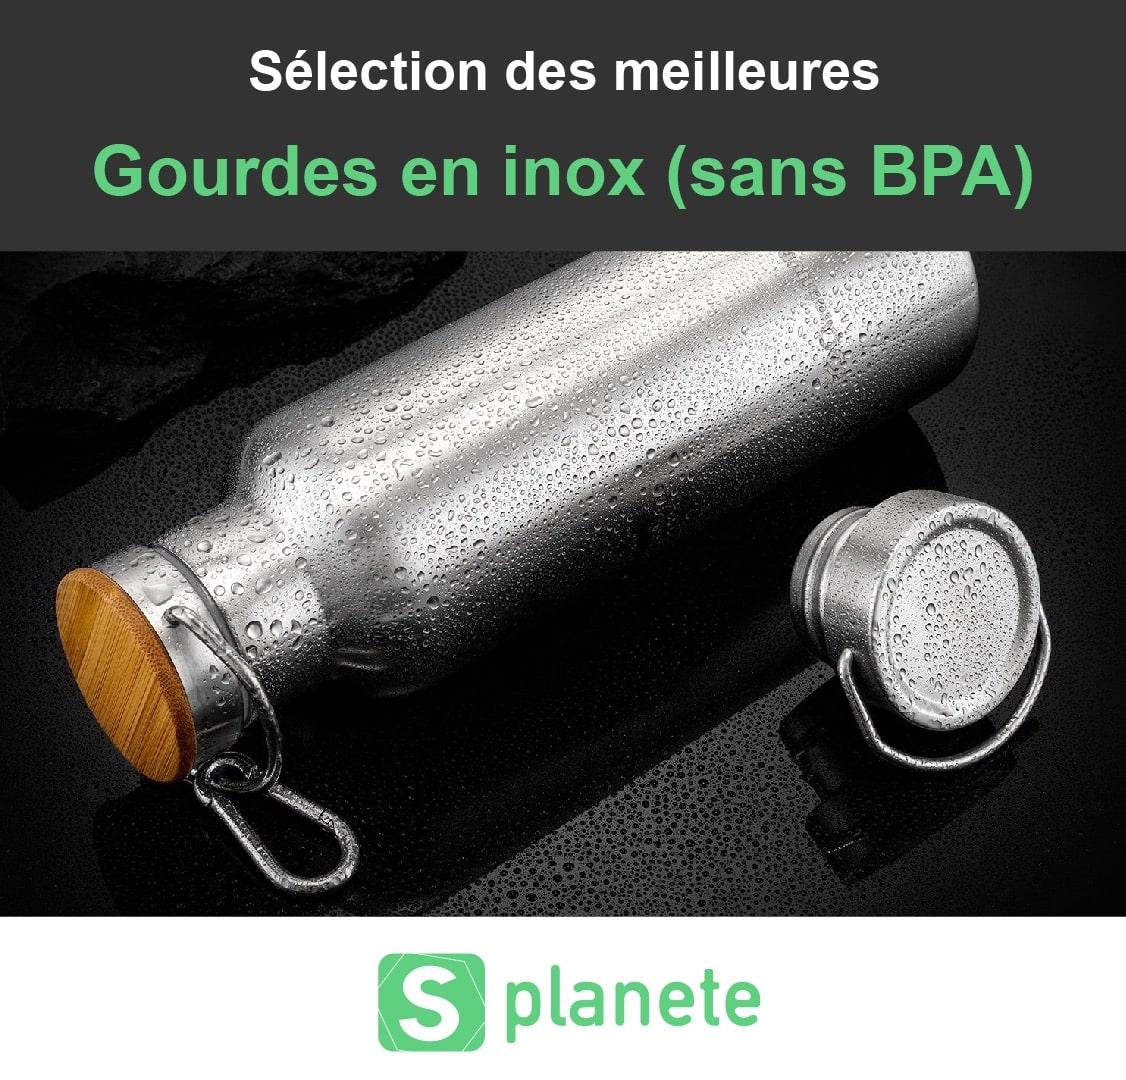 10 meilleures gourdes en INOX réutilisables (sans BPA)